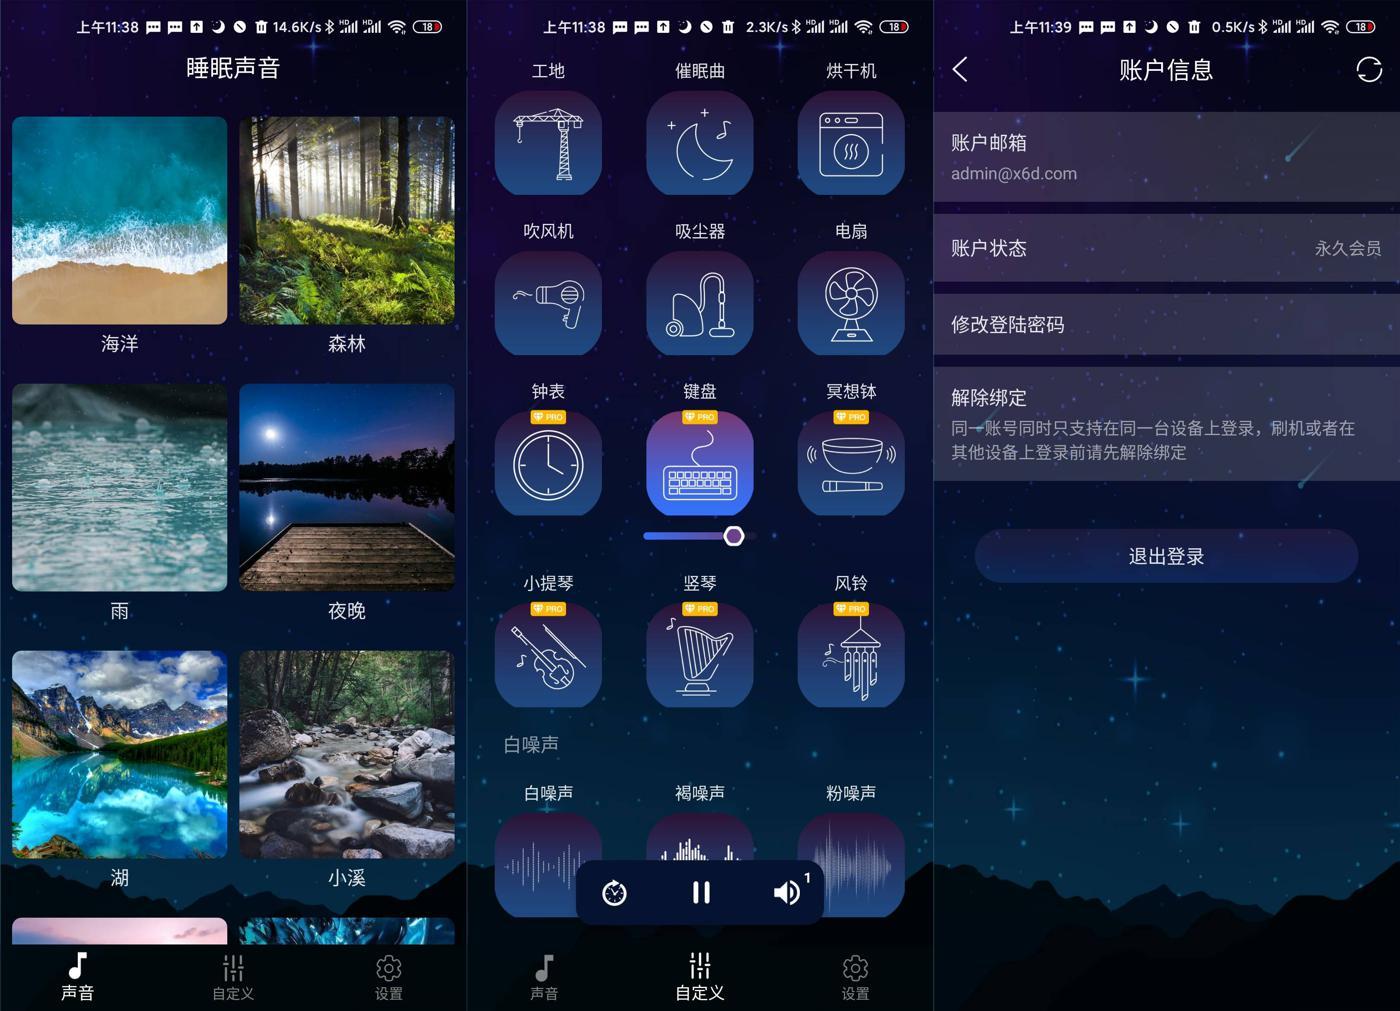 安卓睡眠声音v2.2.1.0绿化版